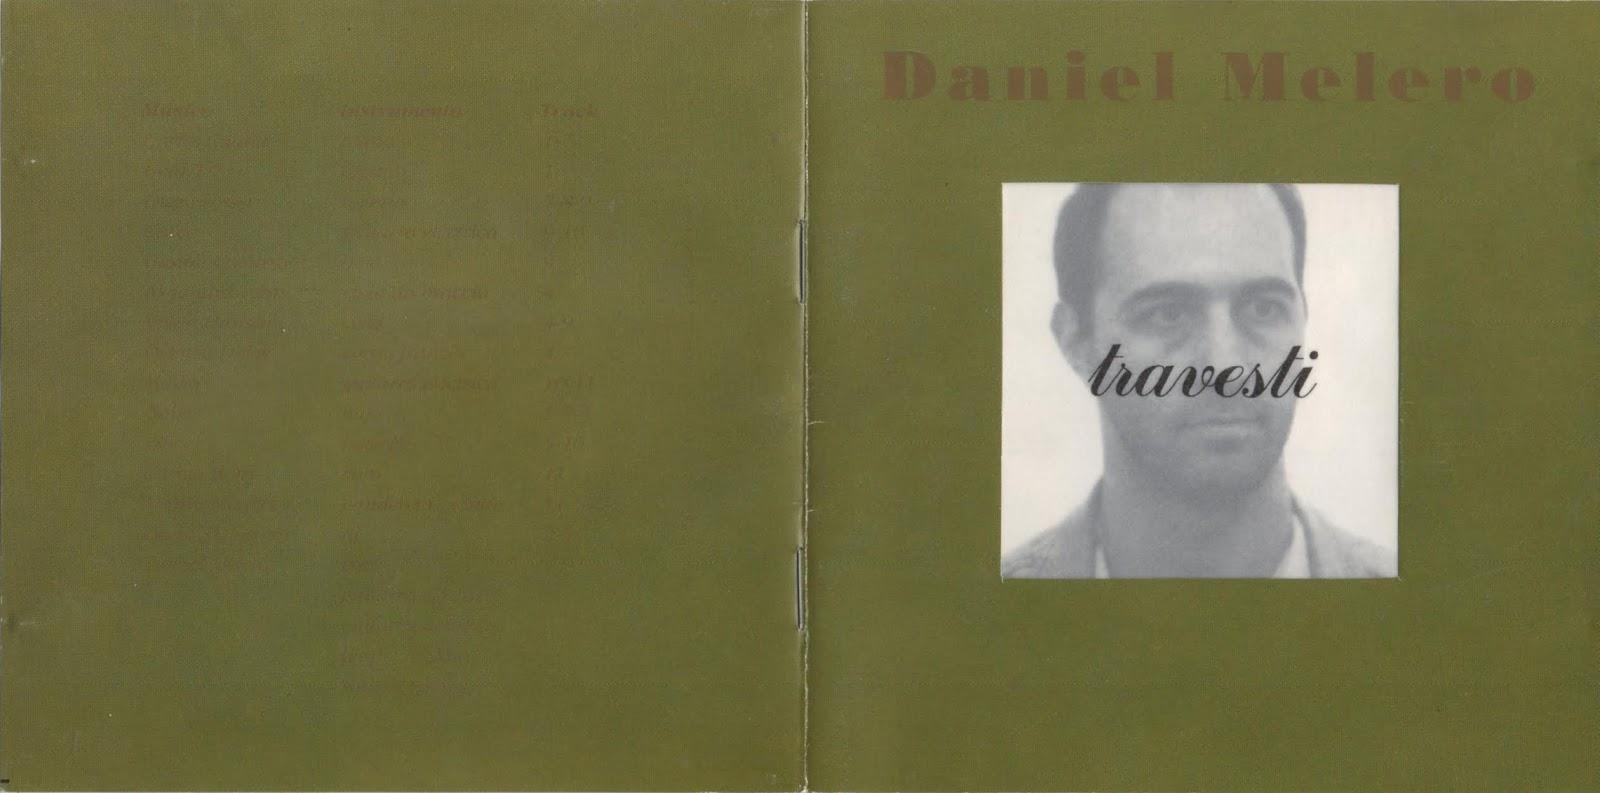 """Daniel Melero: """"Travesti es un legado para el presente"""" - Radio Cantilo"""